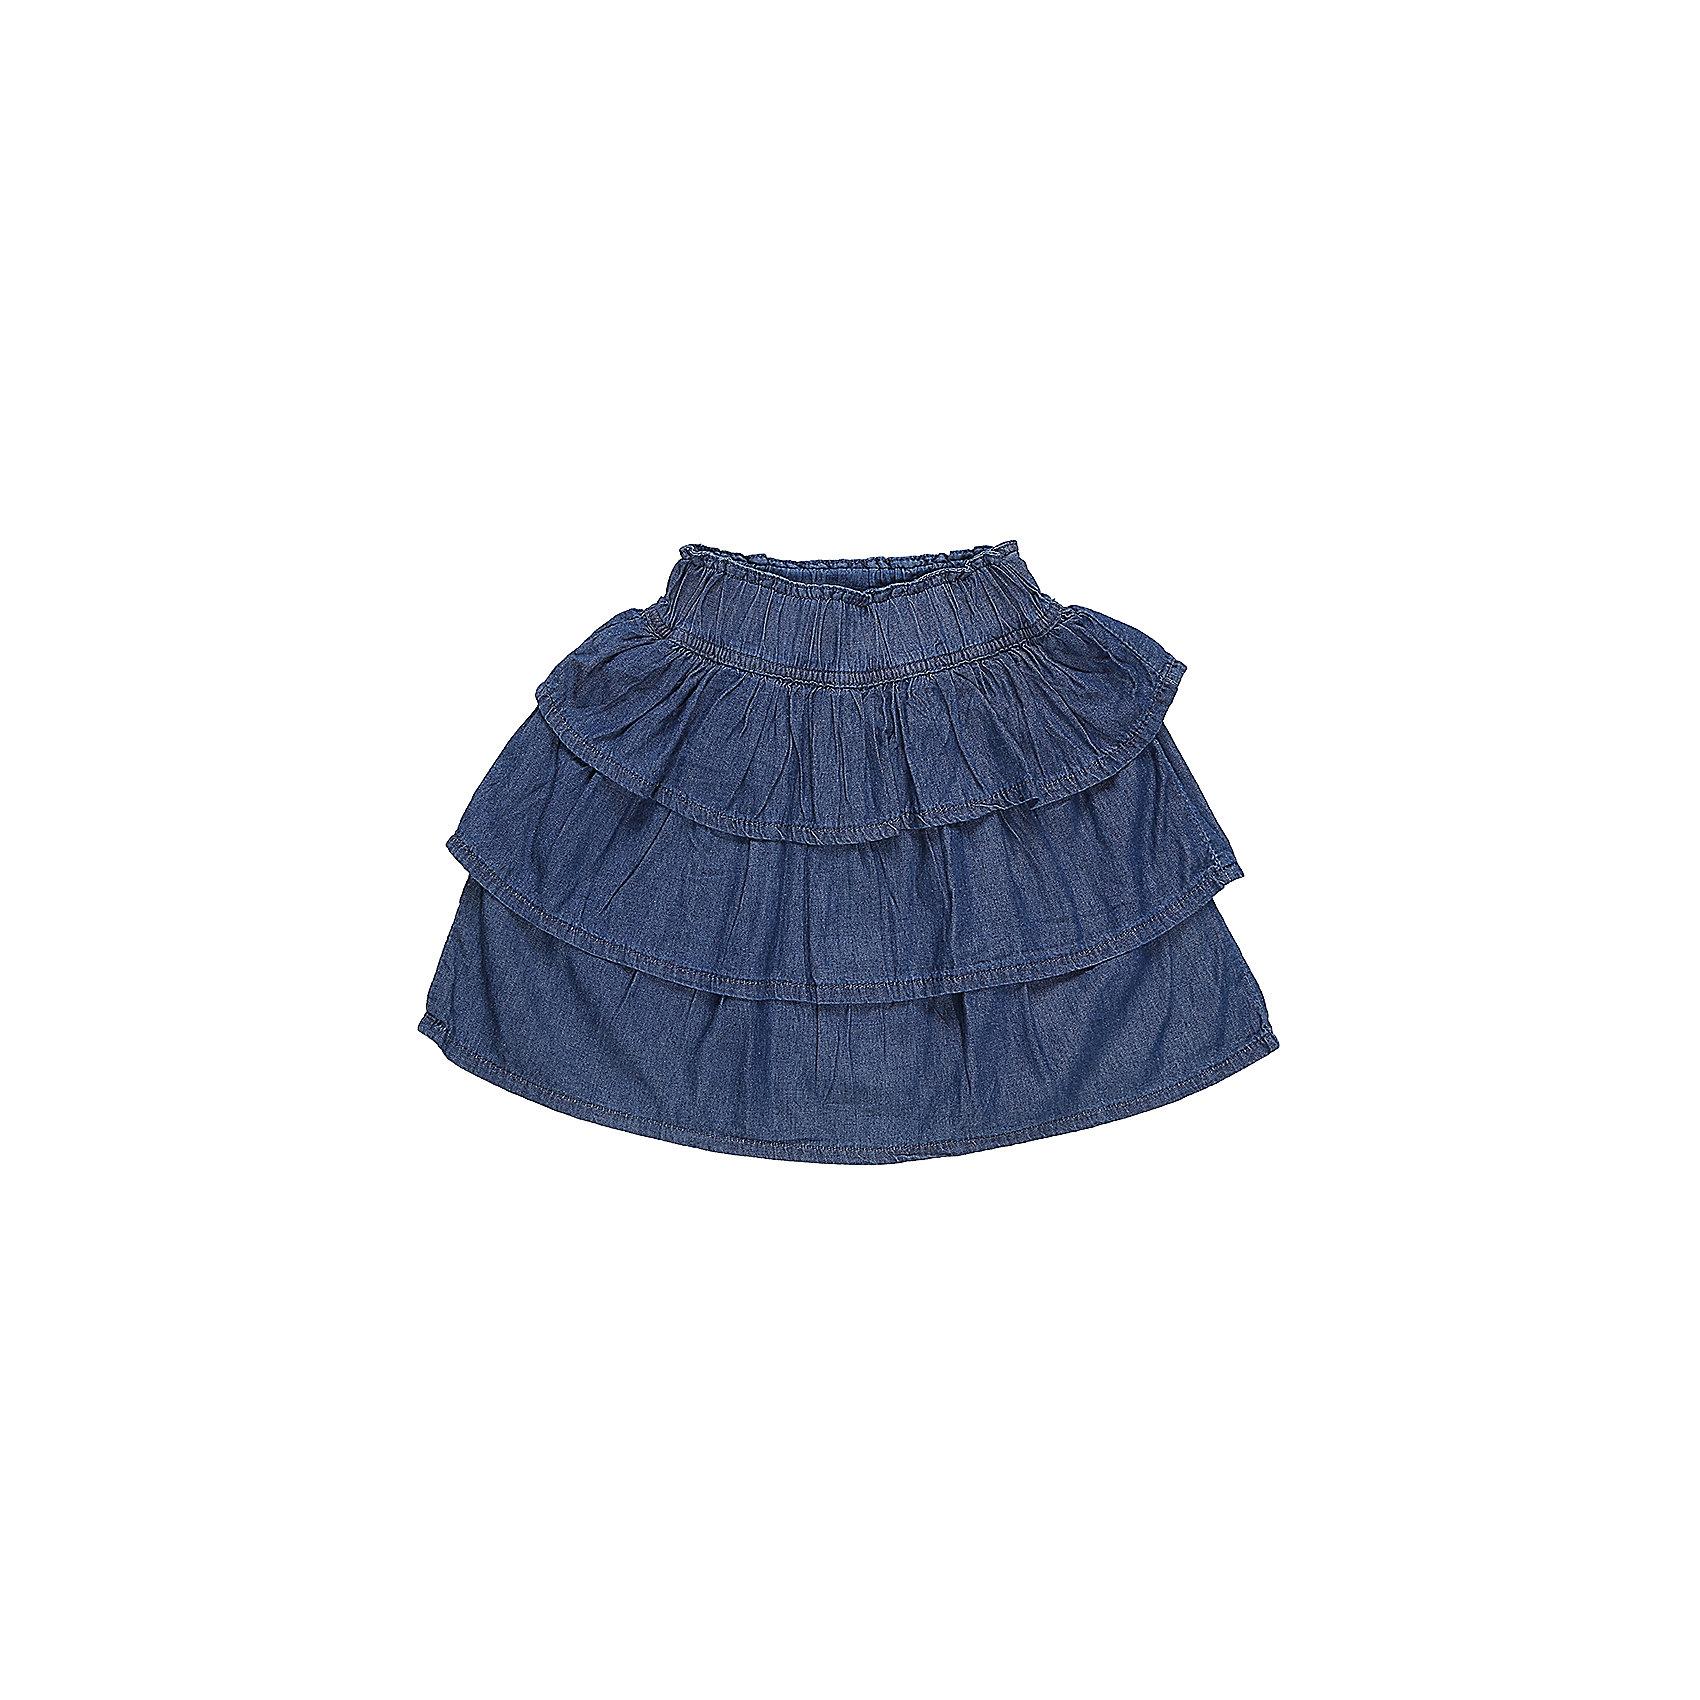 Юбка джинсовая для девочки Sweet BerryЮбки<br>Многоярусная юбка из трикотажной ткани под Джинсу. Широкий эластичный пояс.<br>Состав:<br>100%хлопок<br><br>Ширина мм: 207<br>Глубина мм: 10<br>Высота мм: 189<br>Вес г: 183<br>Цвет: синий<br>Возраст от месяцев: 36<br>Возраст до месяцев: 48<br>Пол: Женский<br>Возраст: Детский<br>Размер: 104,98,110,116,122,128<br>SKU: 5411962